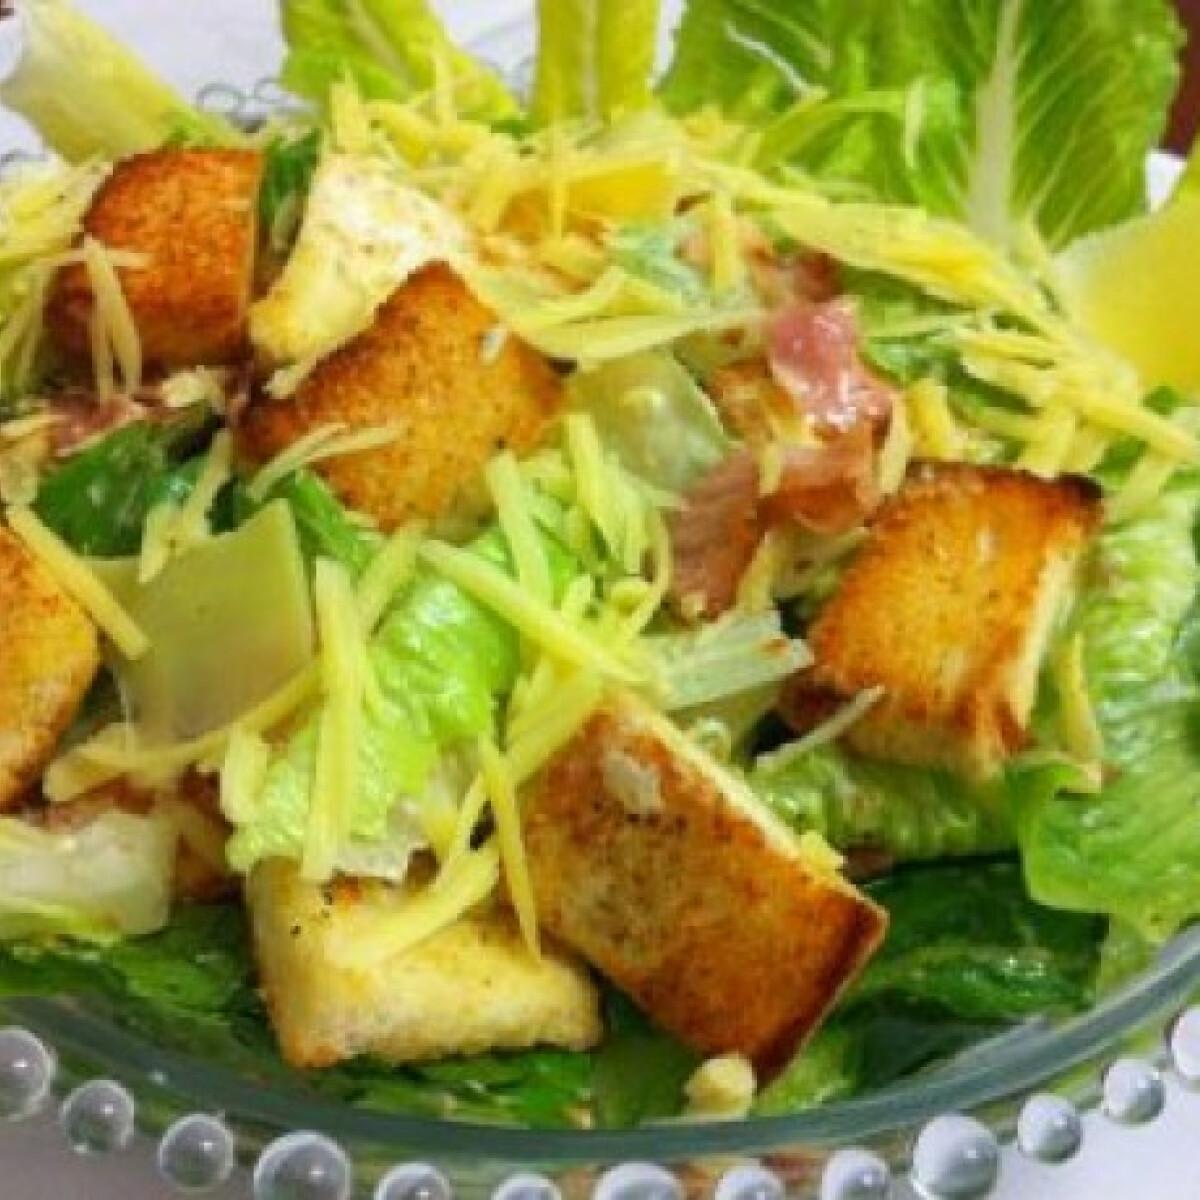 Caesar saláta pussycattól